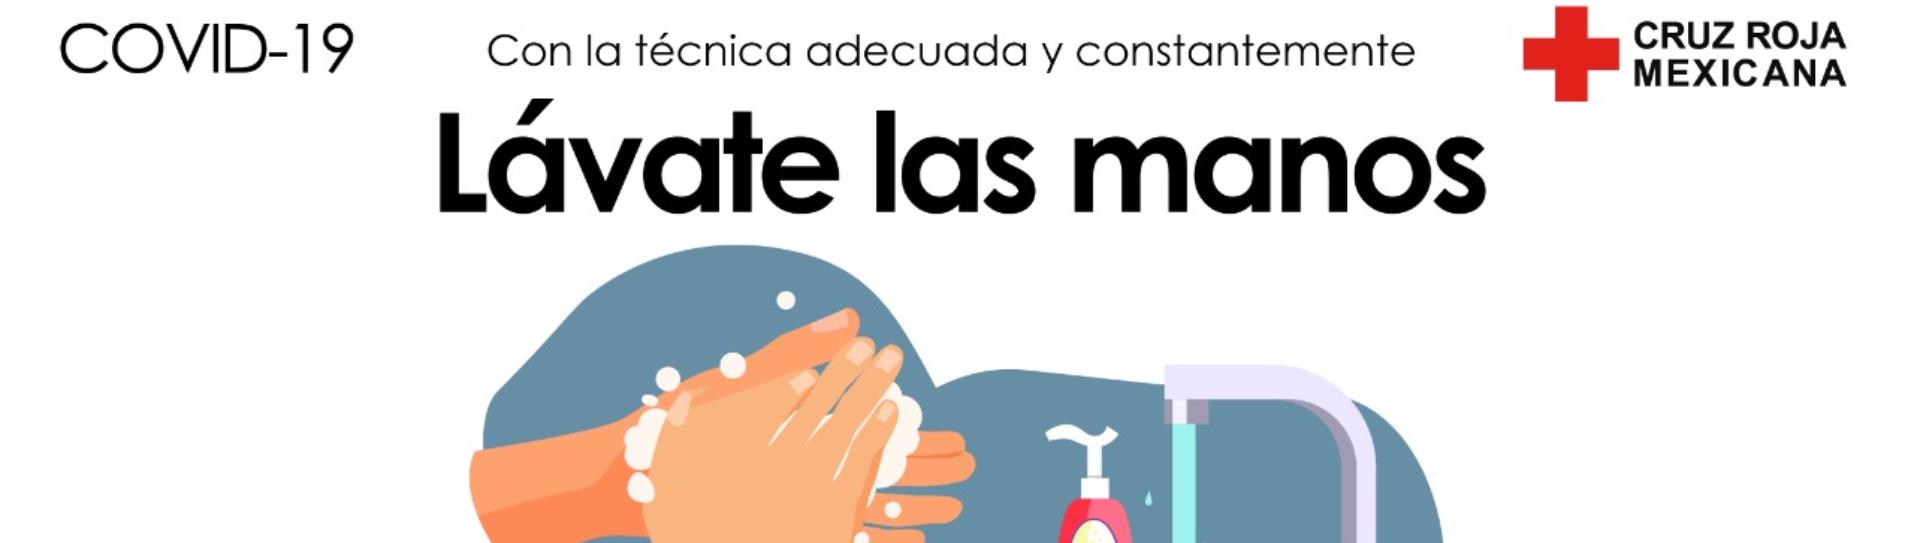 #LávateLasManos